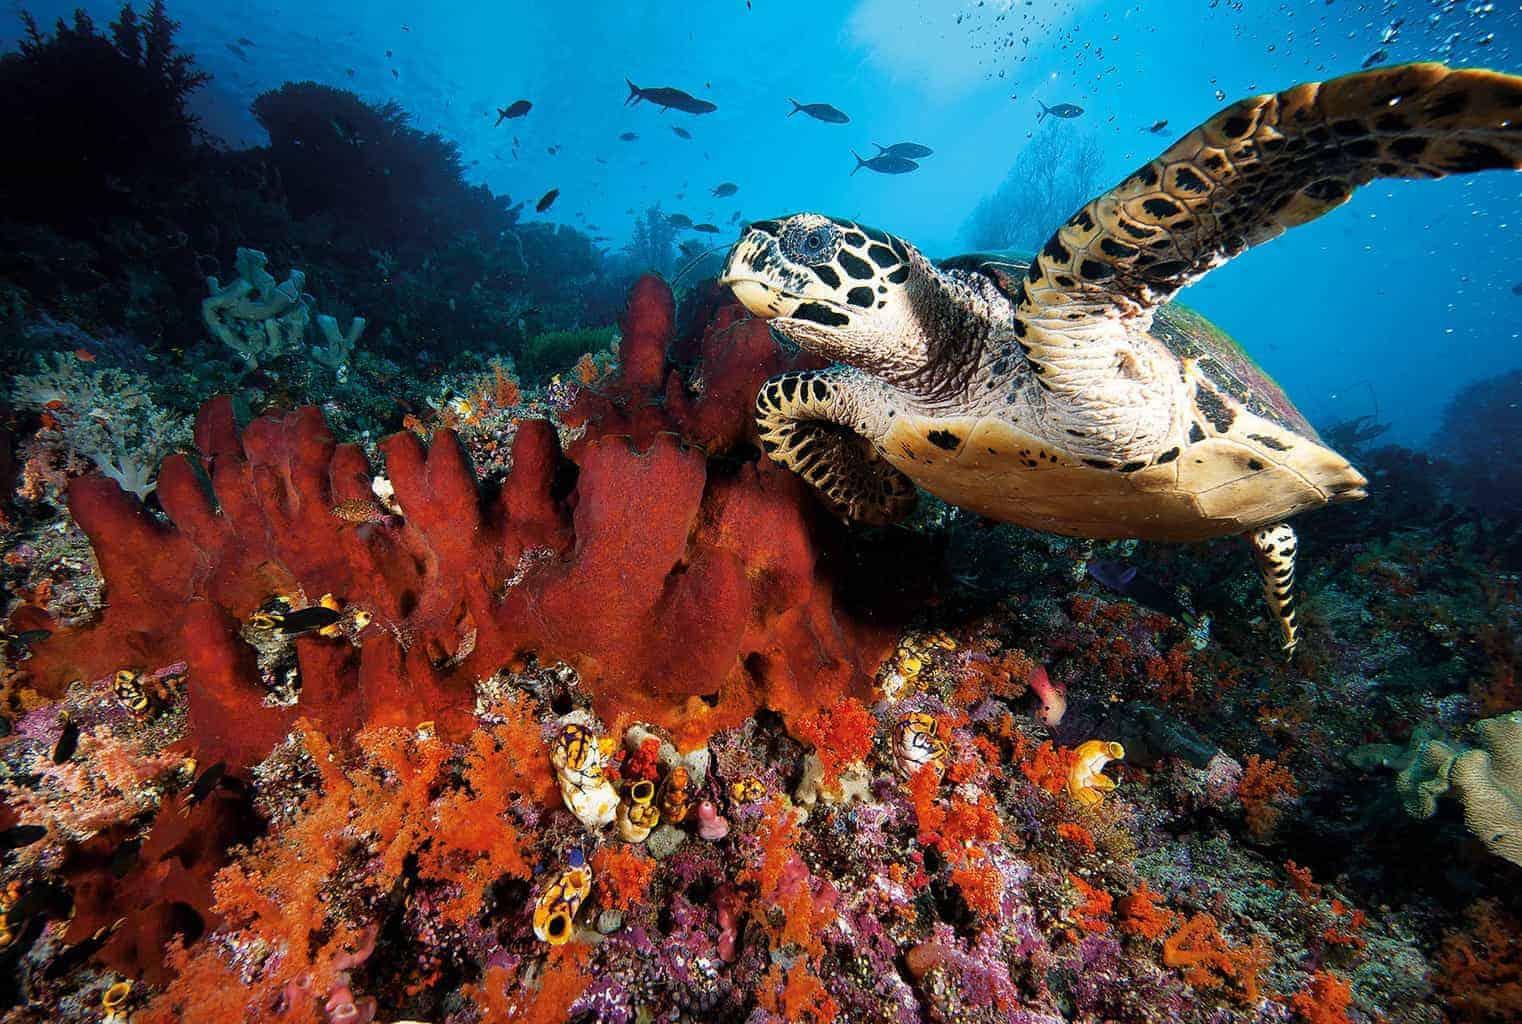 Gavin Anderson turtle